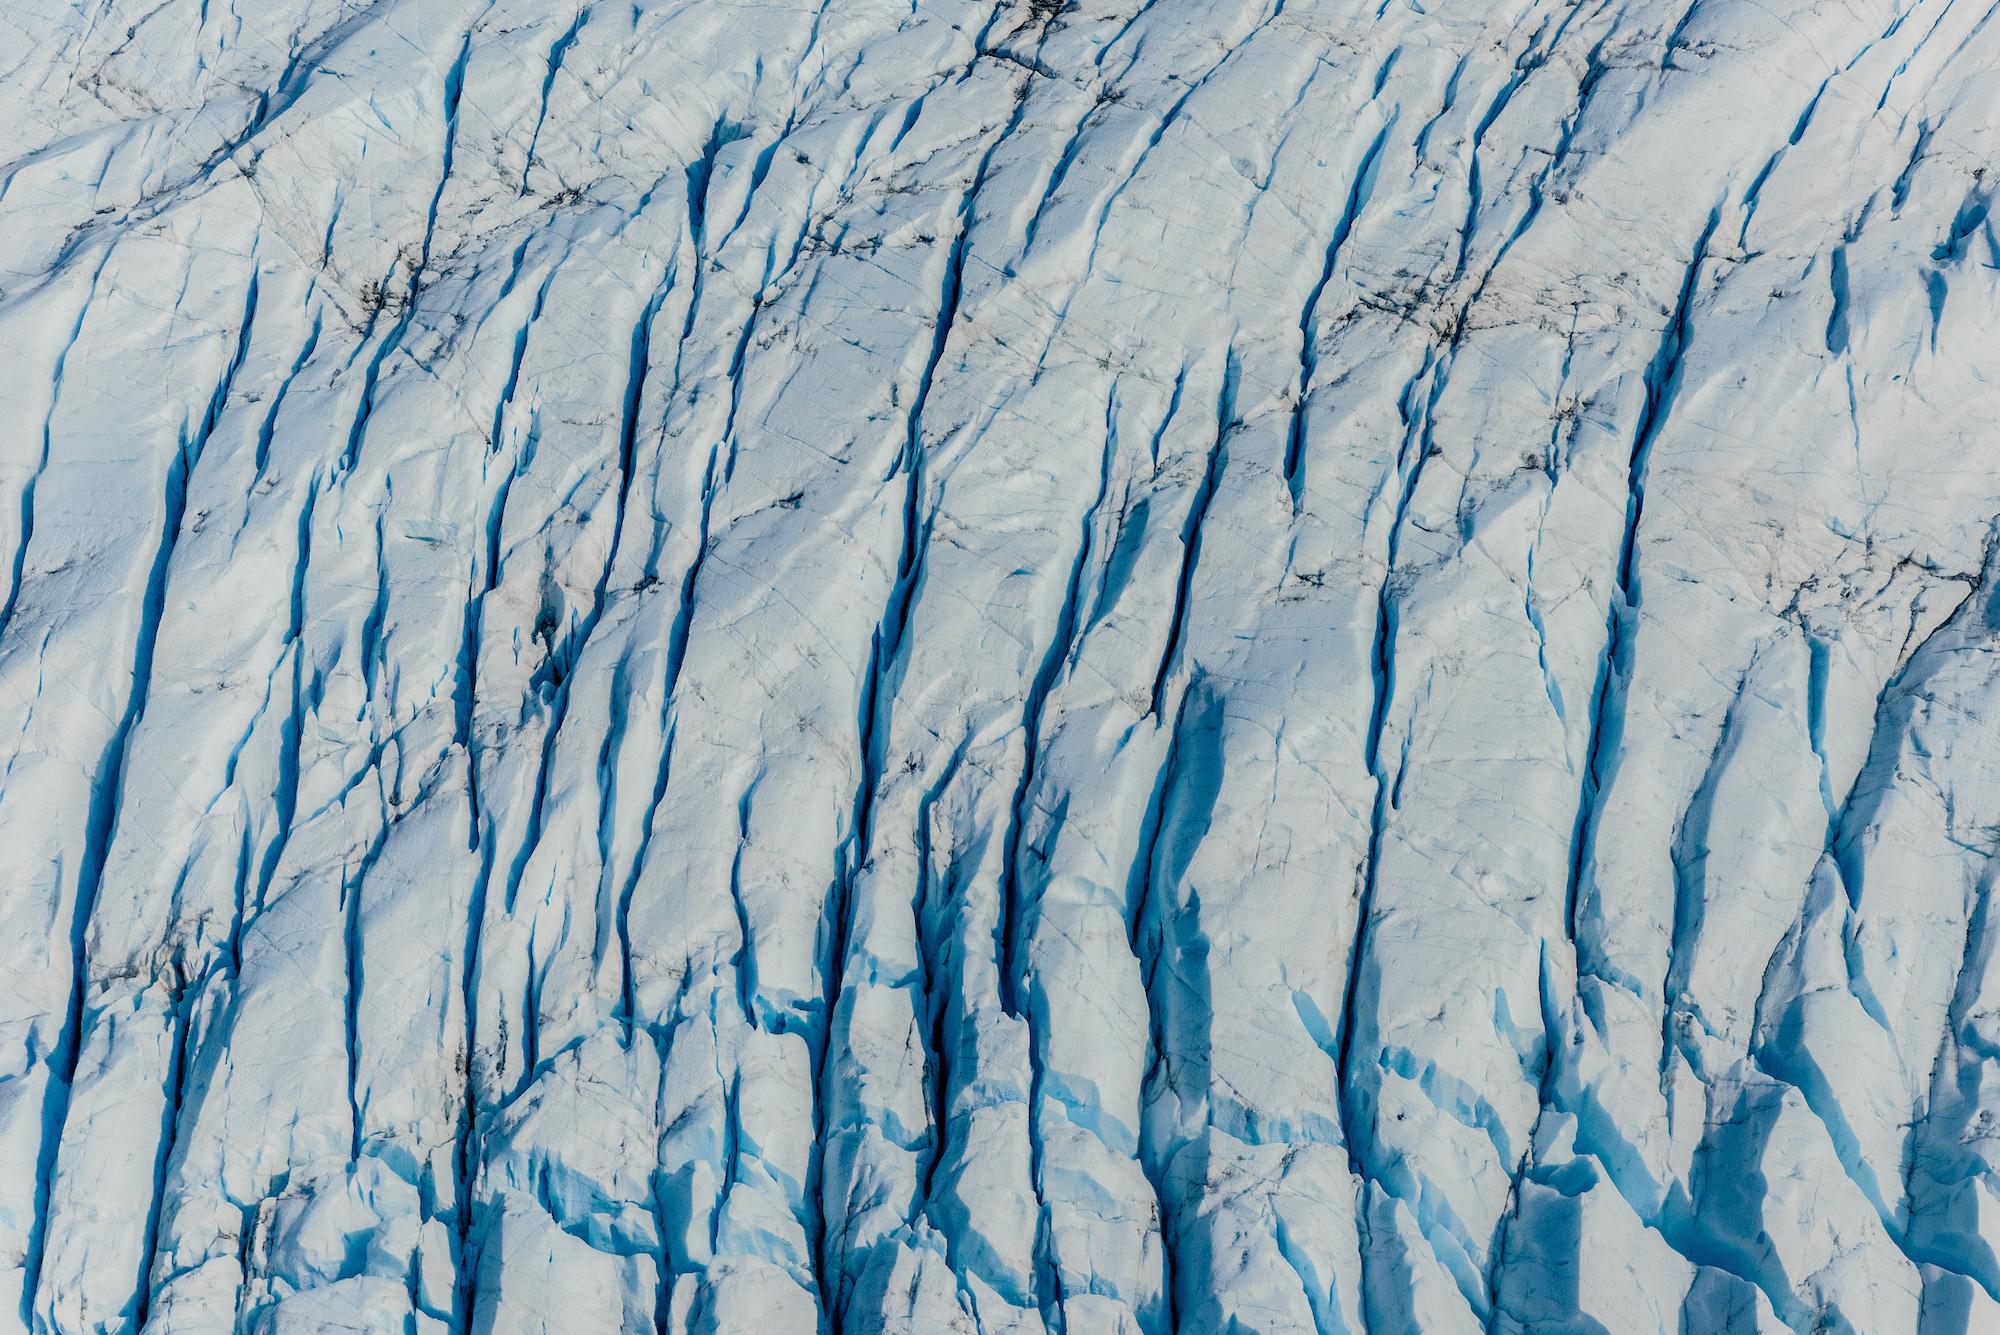 Deep Turquoise Crevasses